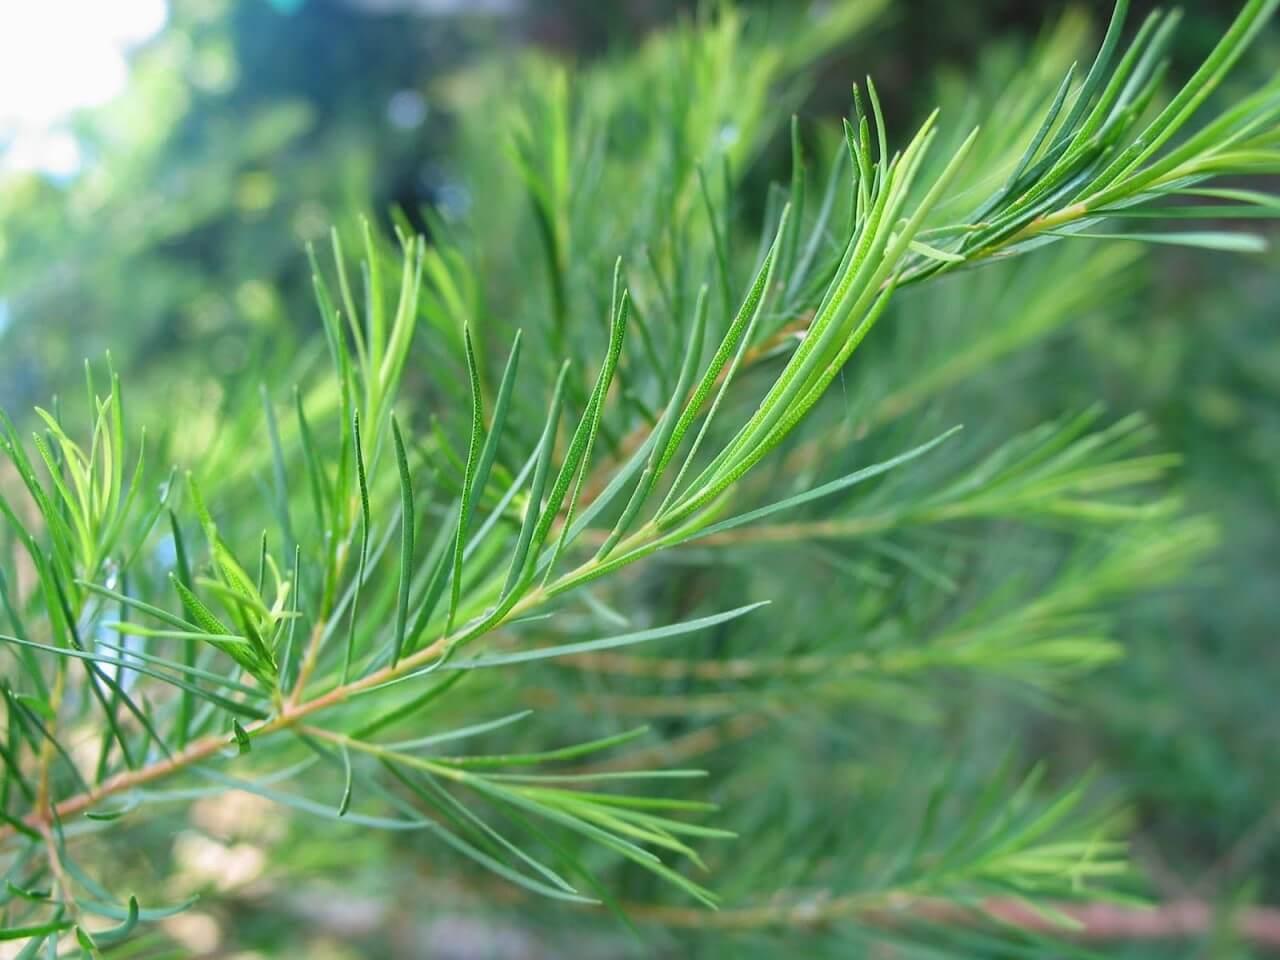 Tinh dầu lá tràm giúp ngăn chặn những yếu tố xuất hiện của mụn đầu đen